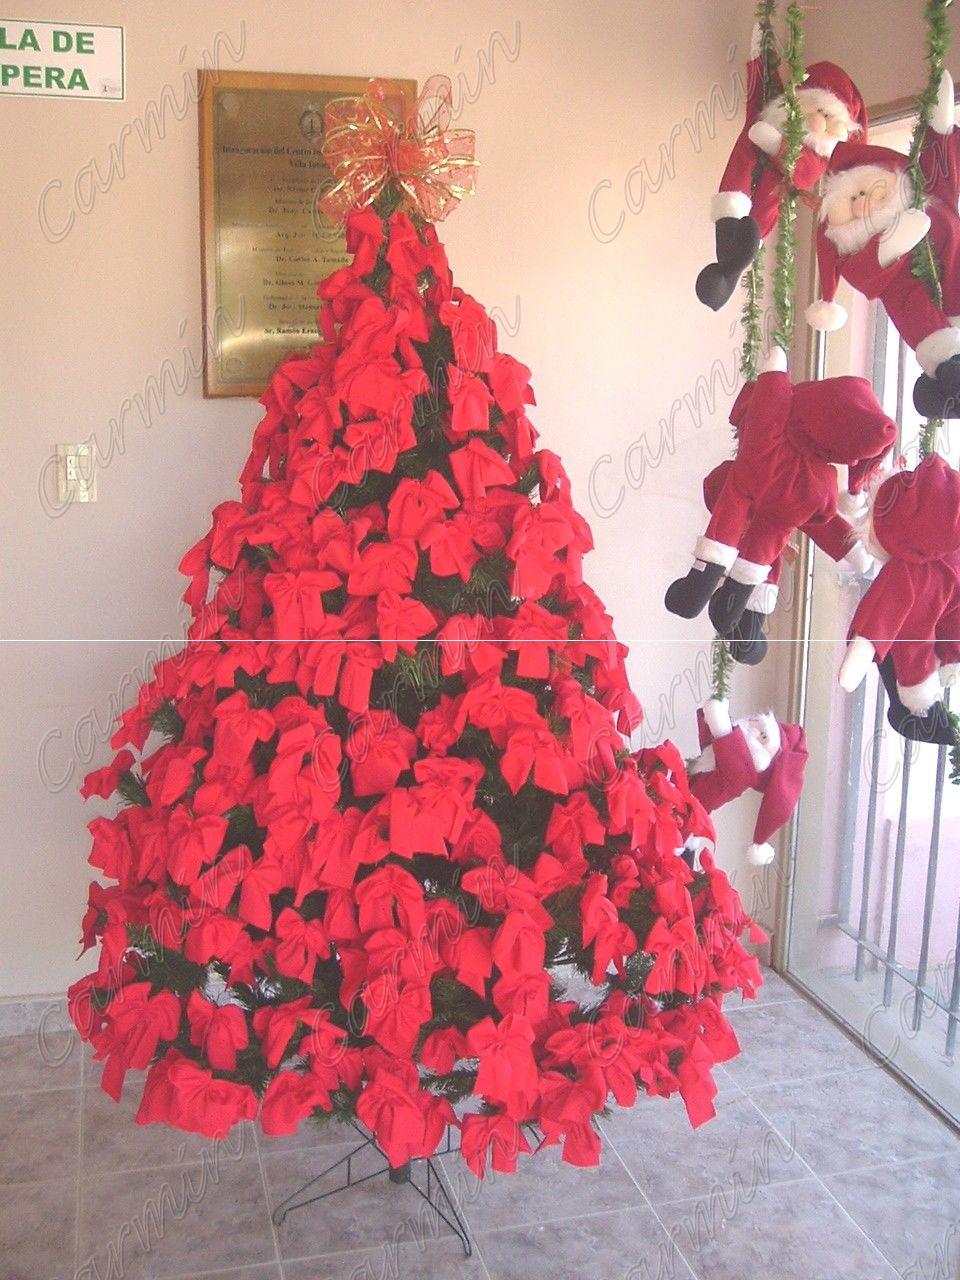 Carmin decoraciones navide as - Adornos navidenos para comercios ...